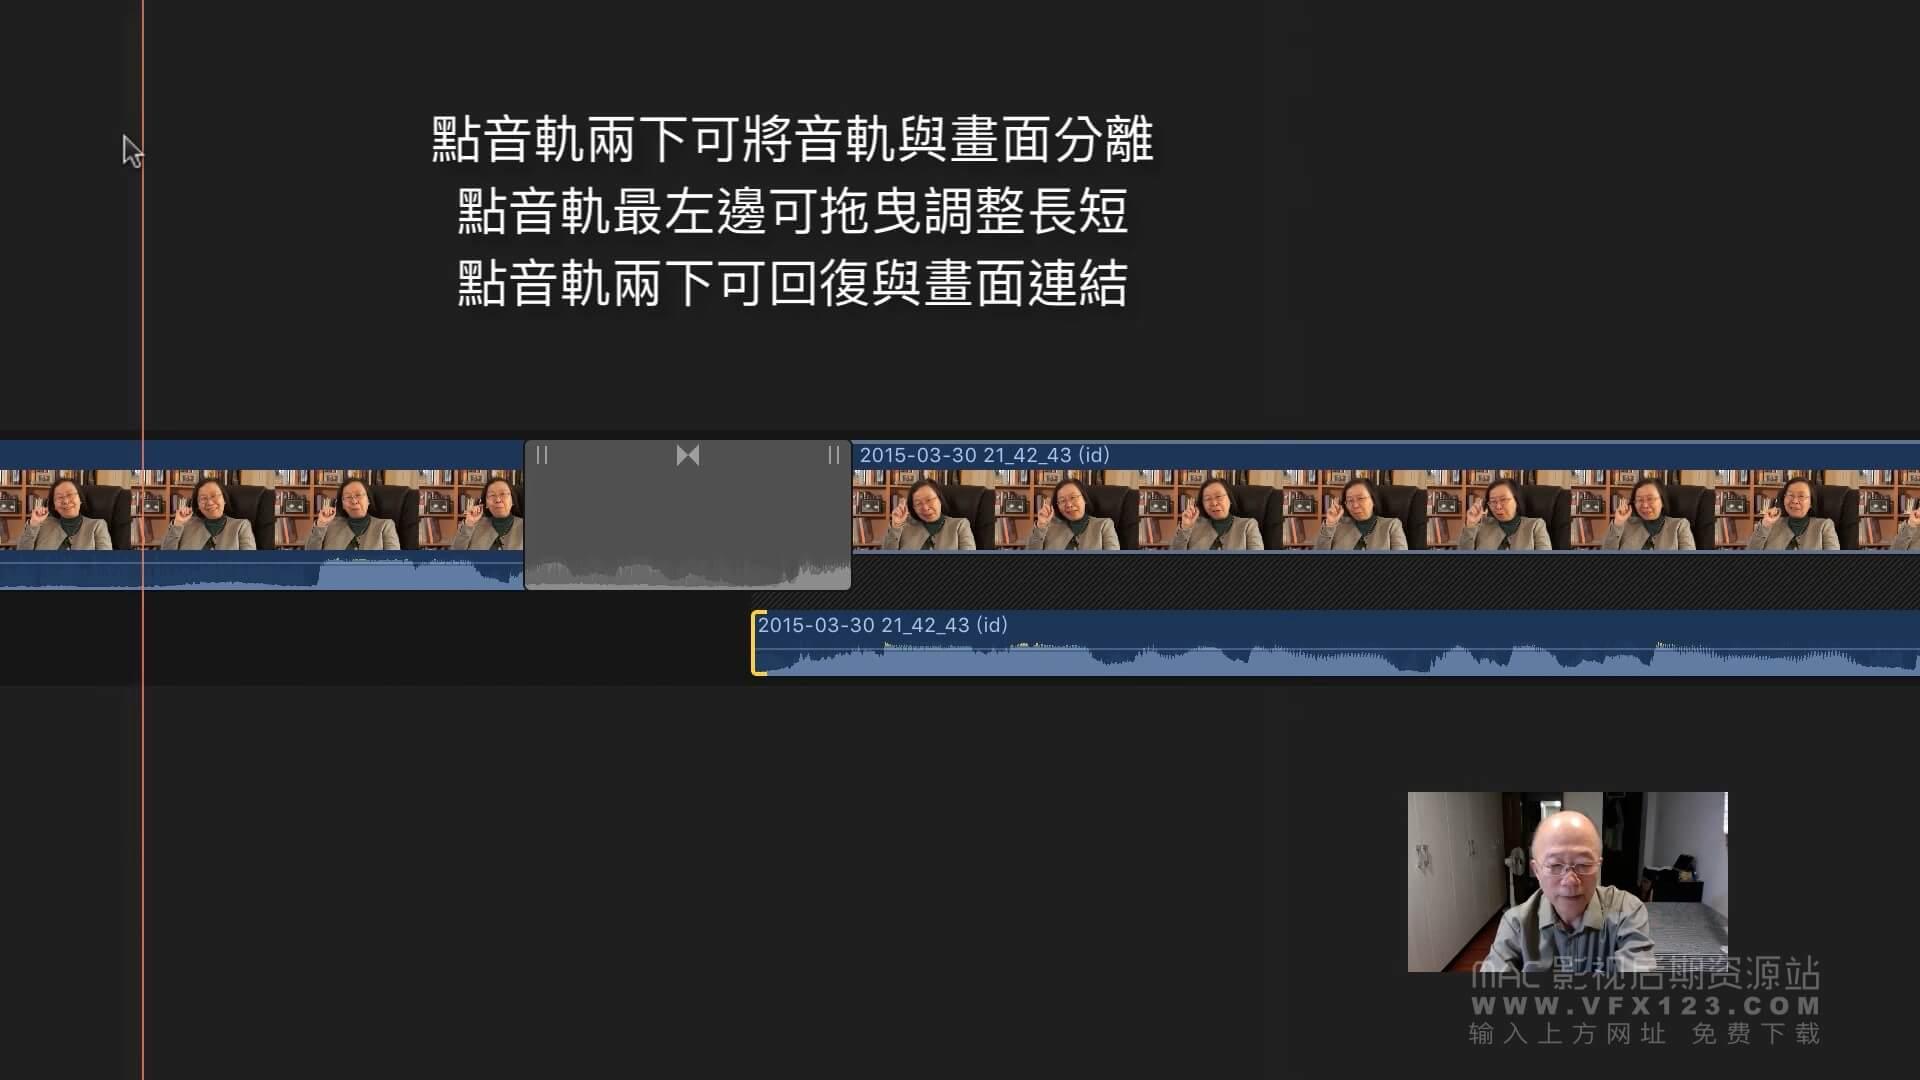 第41课: 在Final Cut Pro X中修剪影片素材技巧